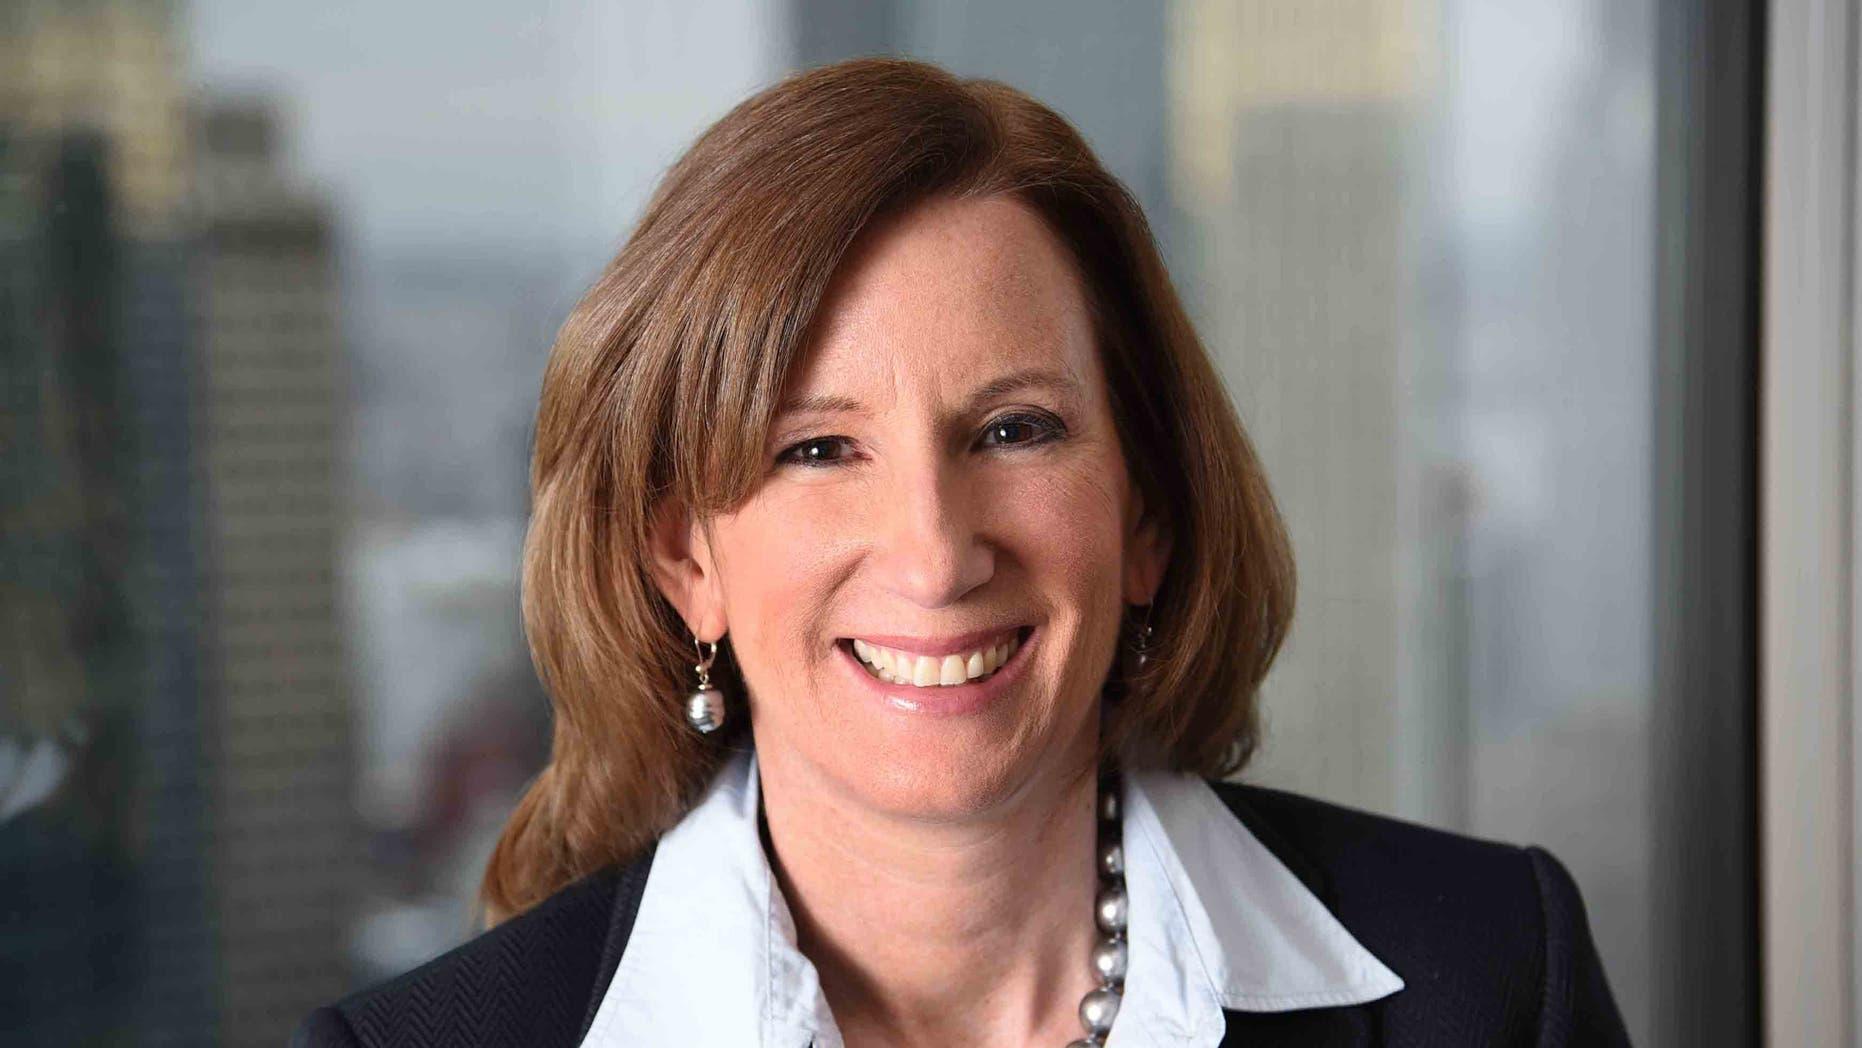 Deloitte CEO Cathy Engelbert (Courtesy: Deloitte)